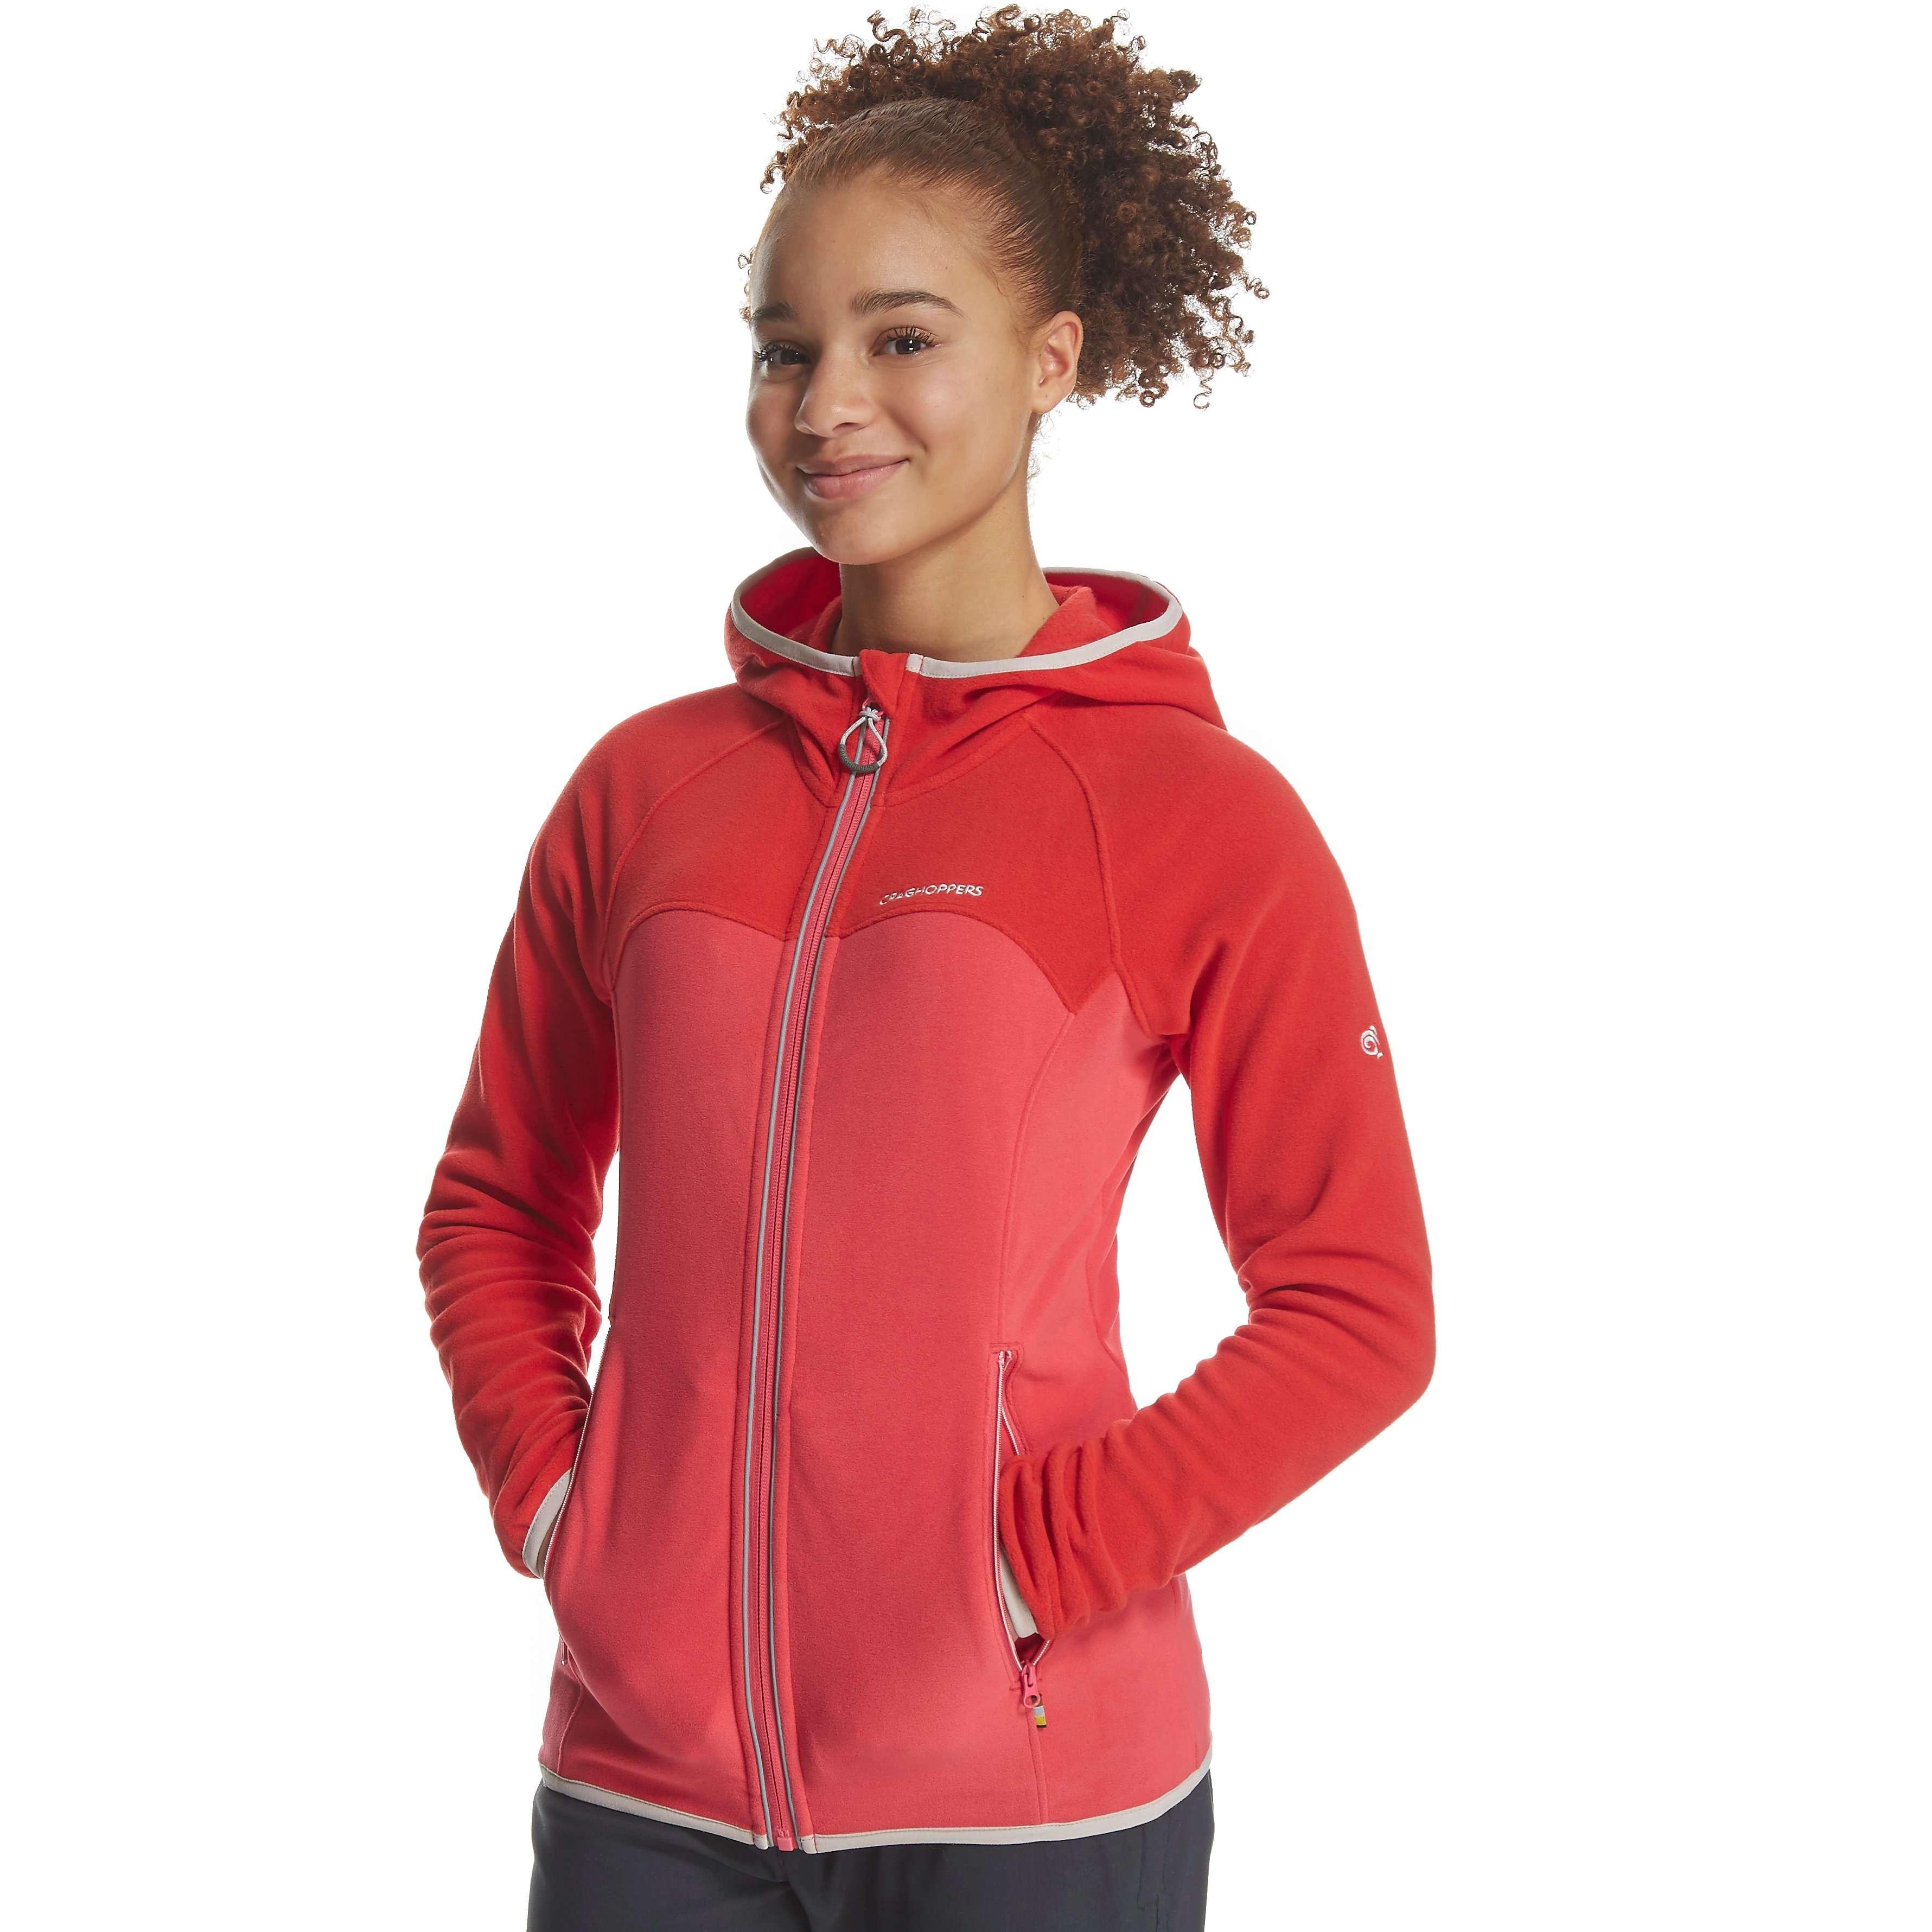 CRAGHOPPERS Girl's Ionic II Hooded Fleece Jacket